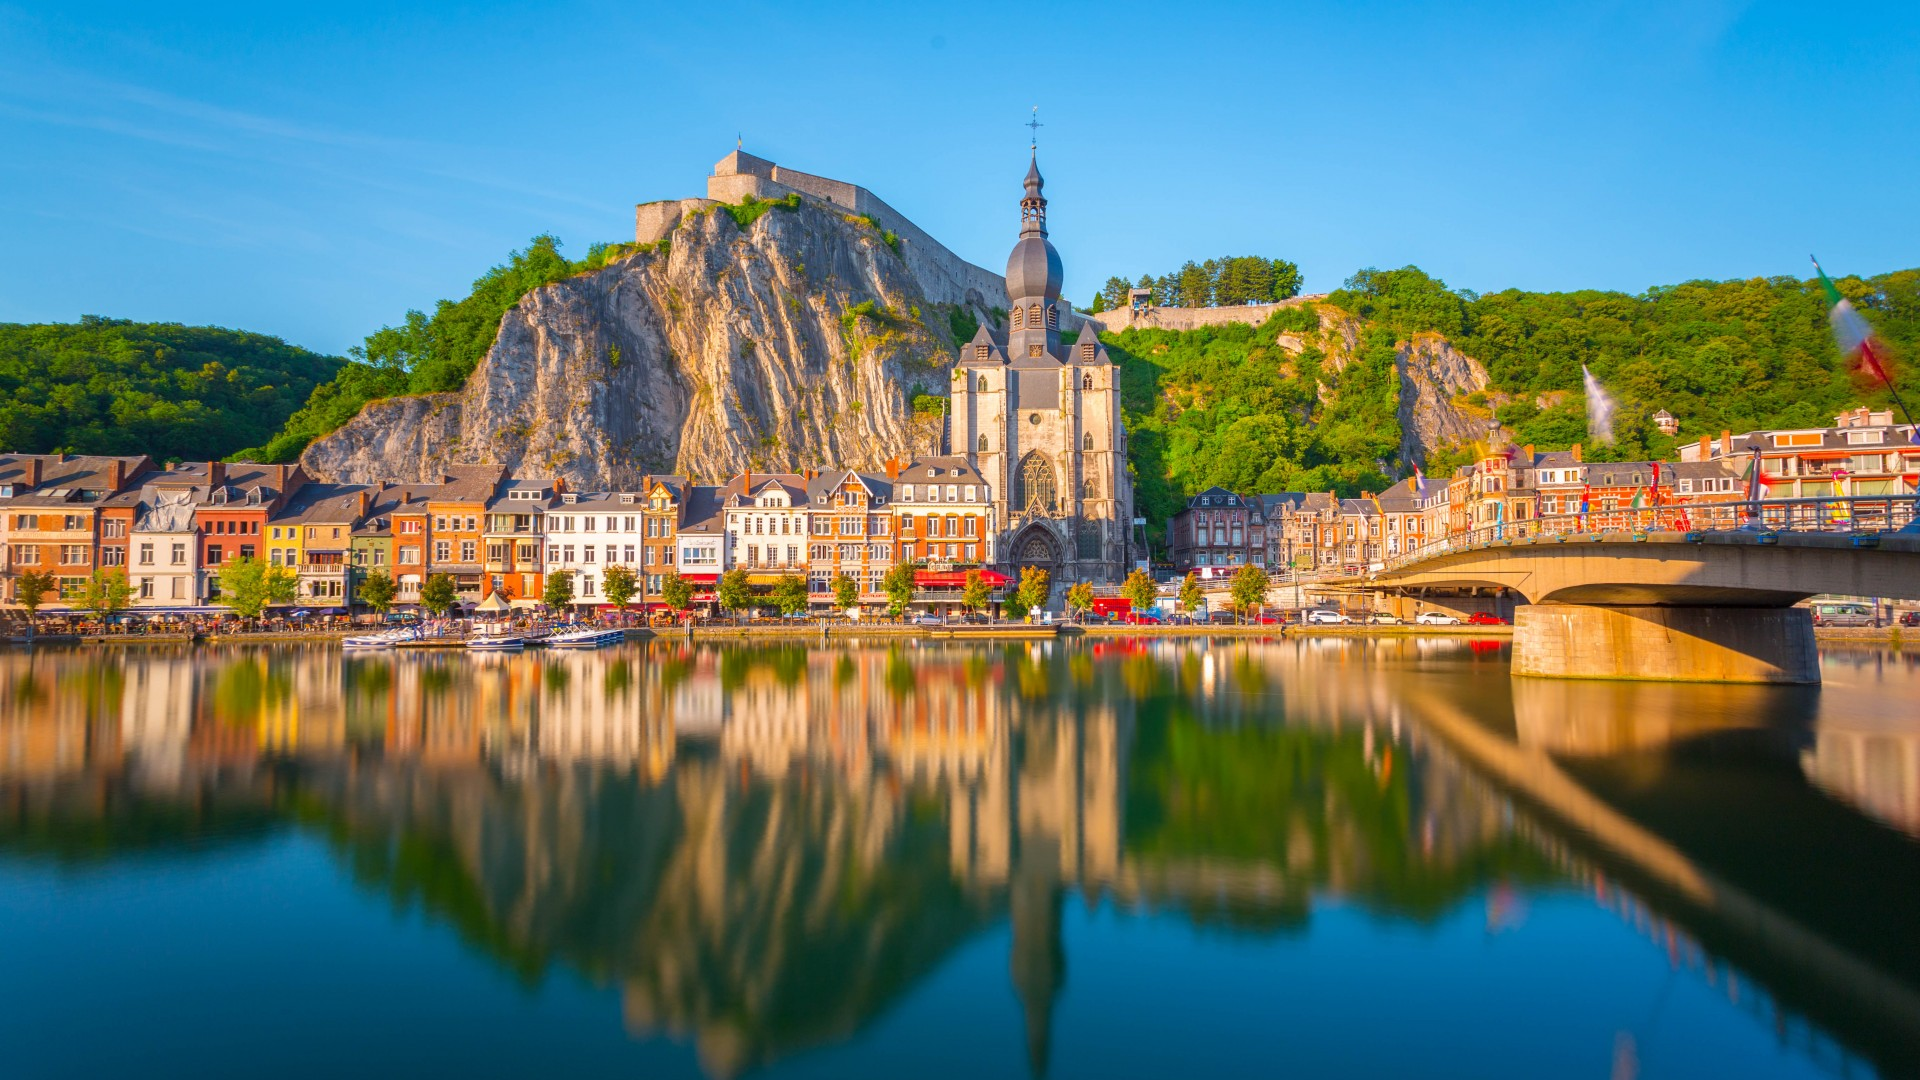 dinant-broen-den-gotiske-katedral-og-ku-secret-world